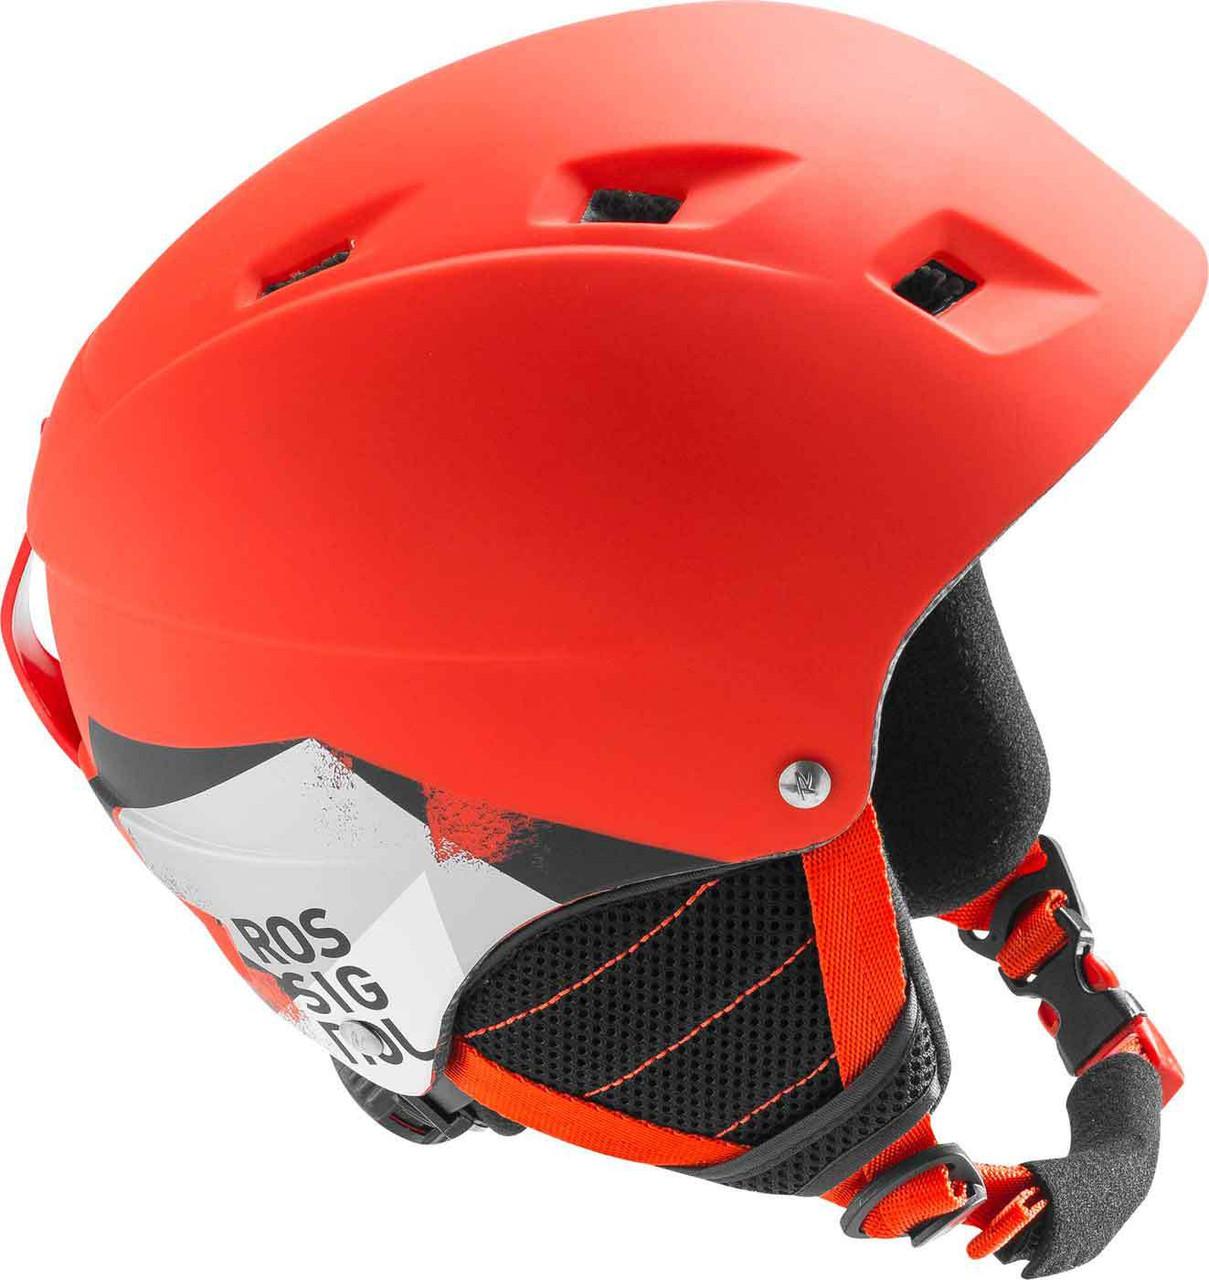 Горнолыжный шлем подростковый Rossignol Comp J RED-LED (MD)